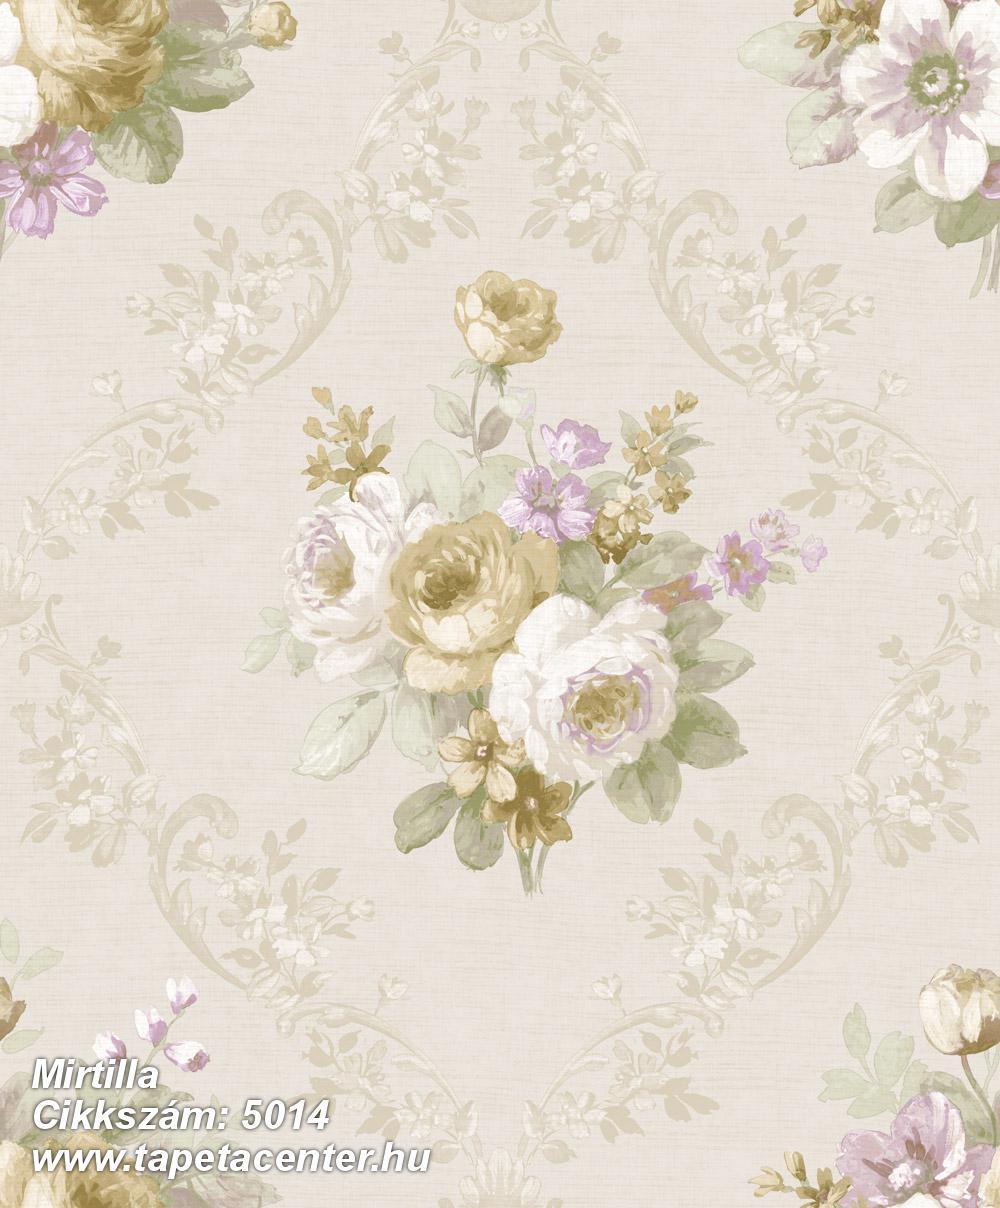 Barokk-klasszikus,virágmintás,arany,bézs-drapp,fehér,lila,zöld,súrolható,vlies tapéta